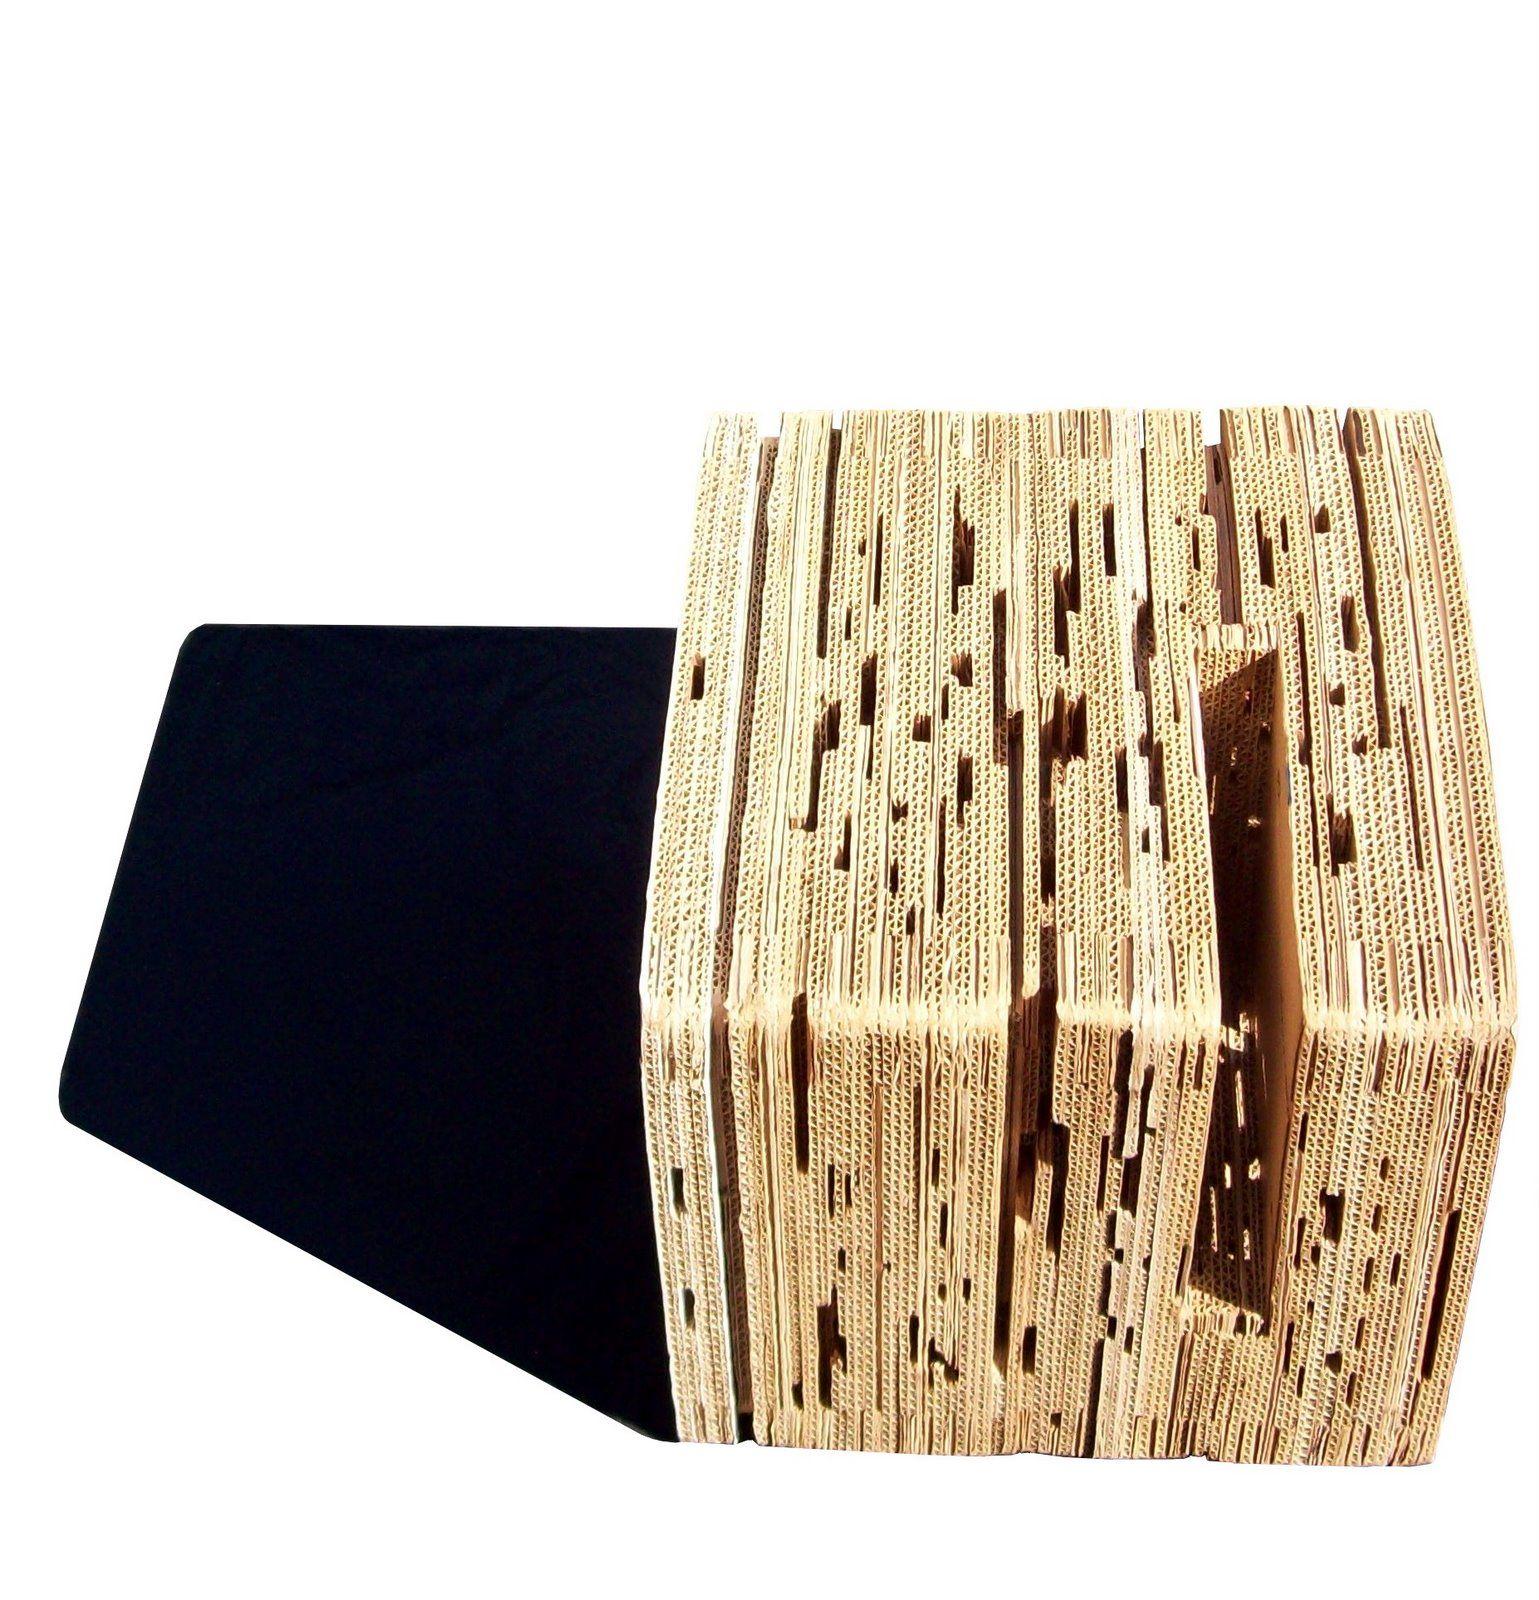 Dise O Cartonero Santiago Morahanla Eco Muebles Carton Reciclado  # Frank Gehry Muebles De Carton